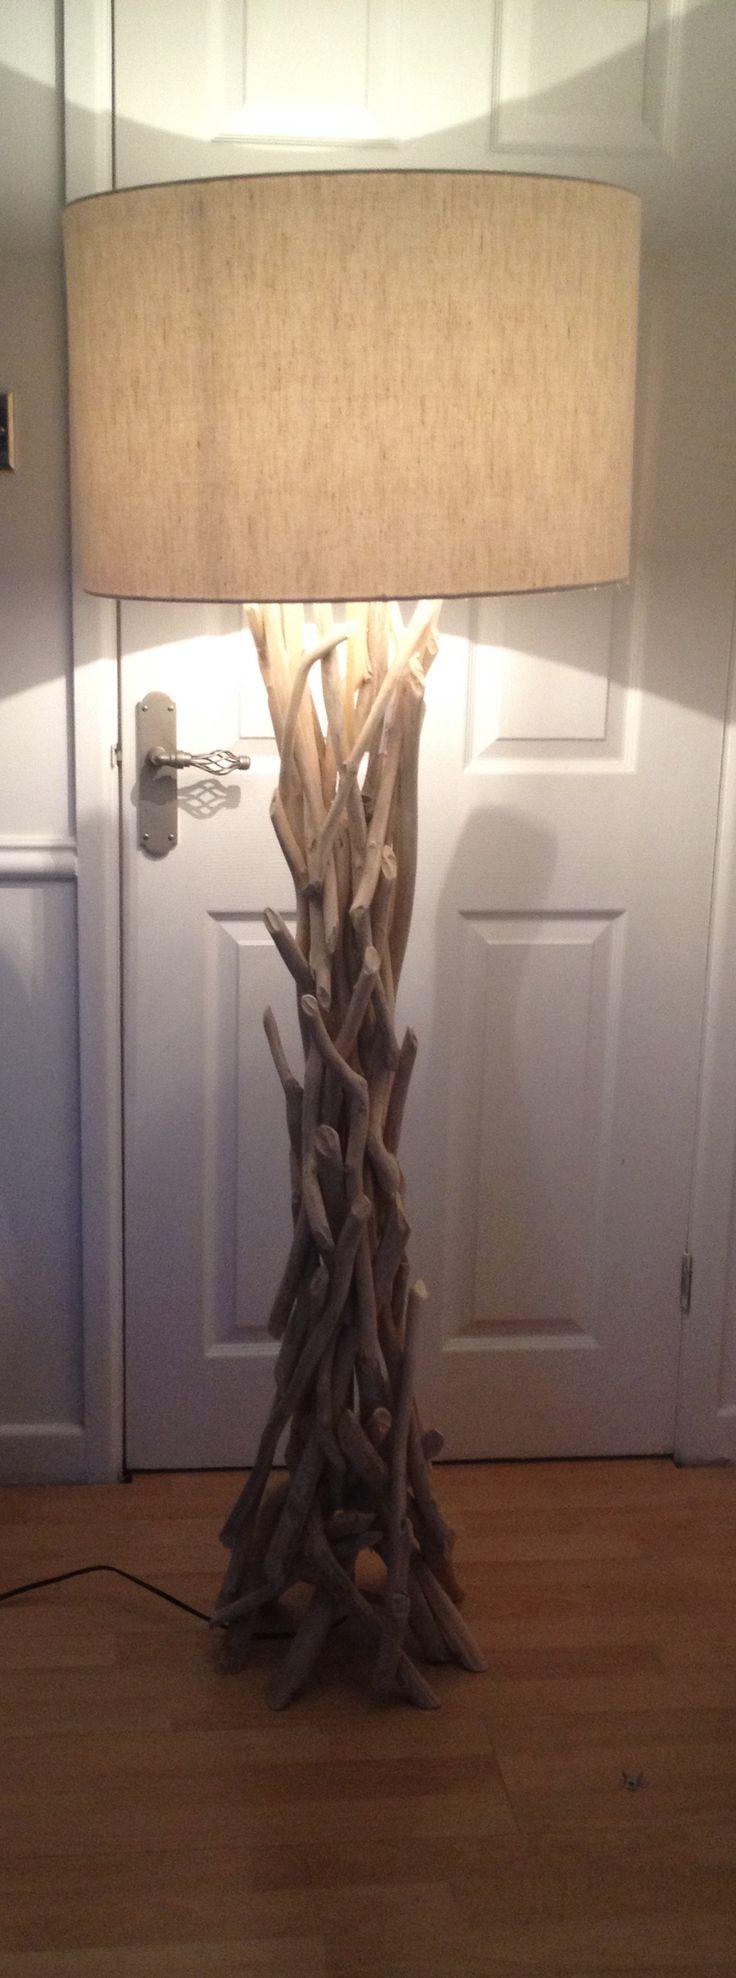 Driftwood standard lamp